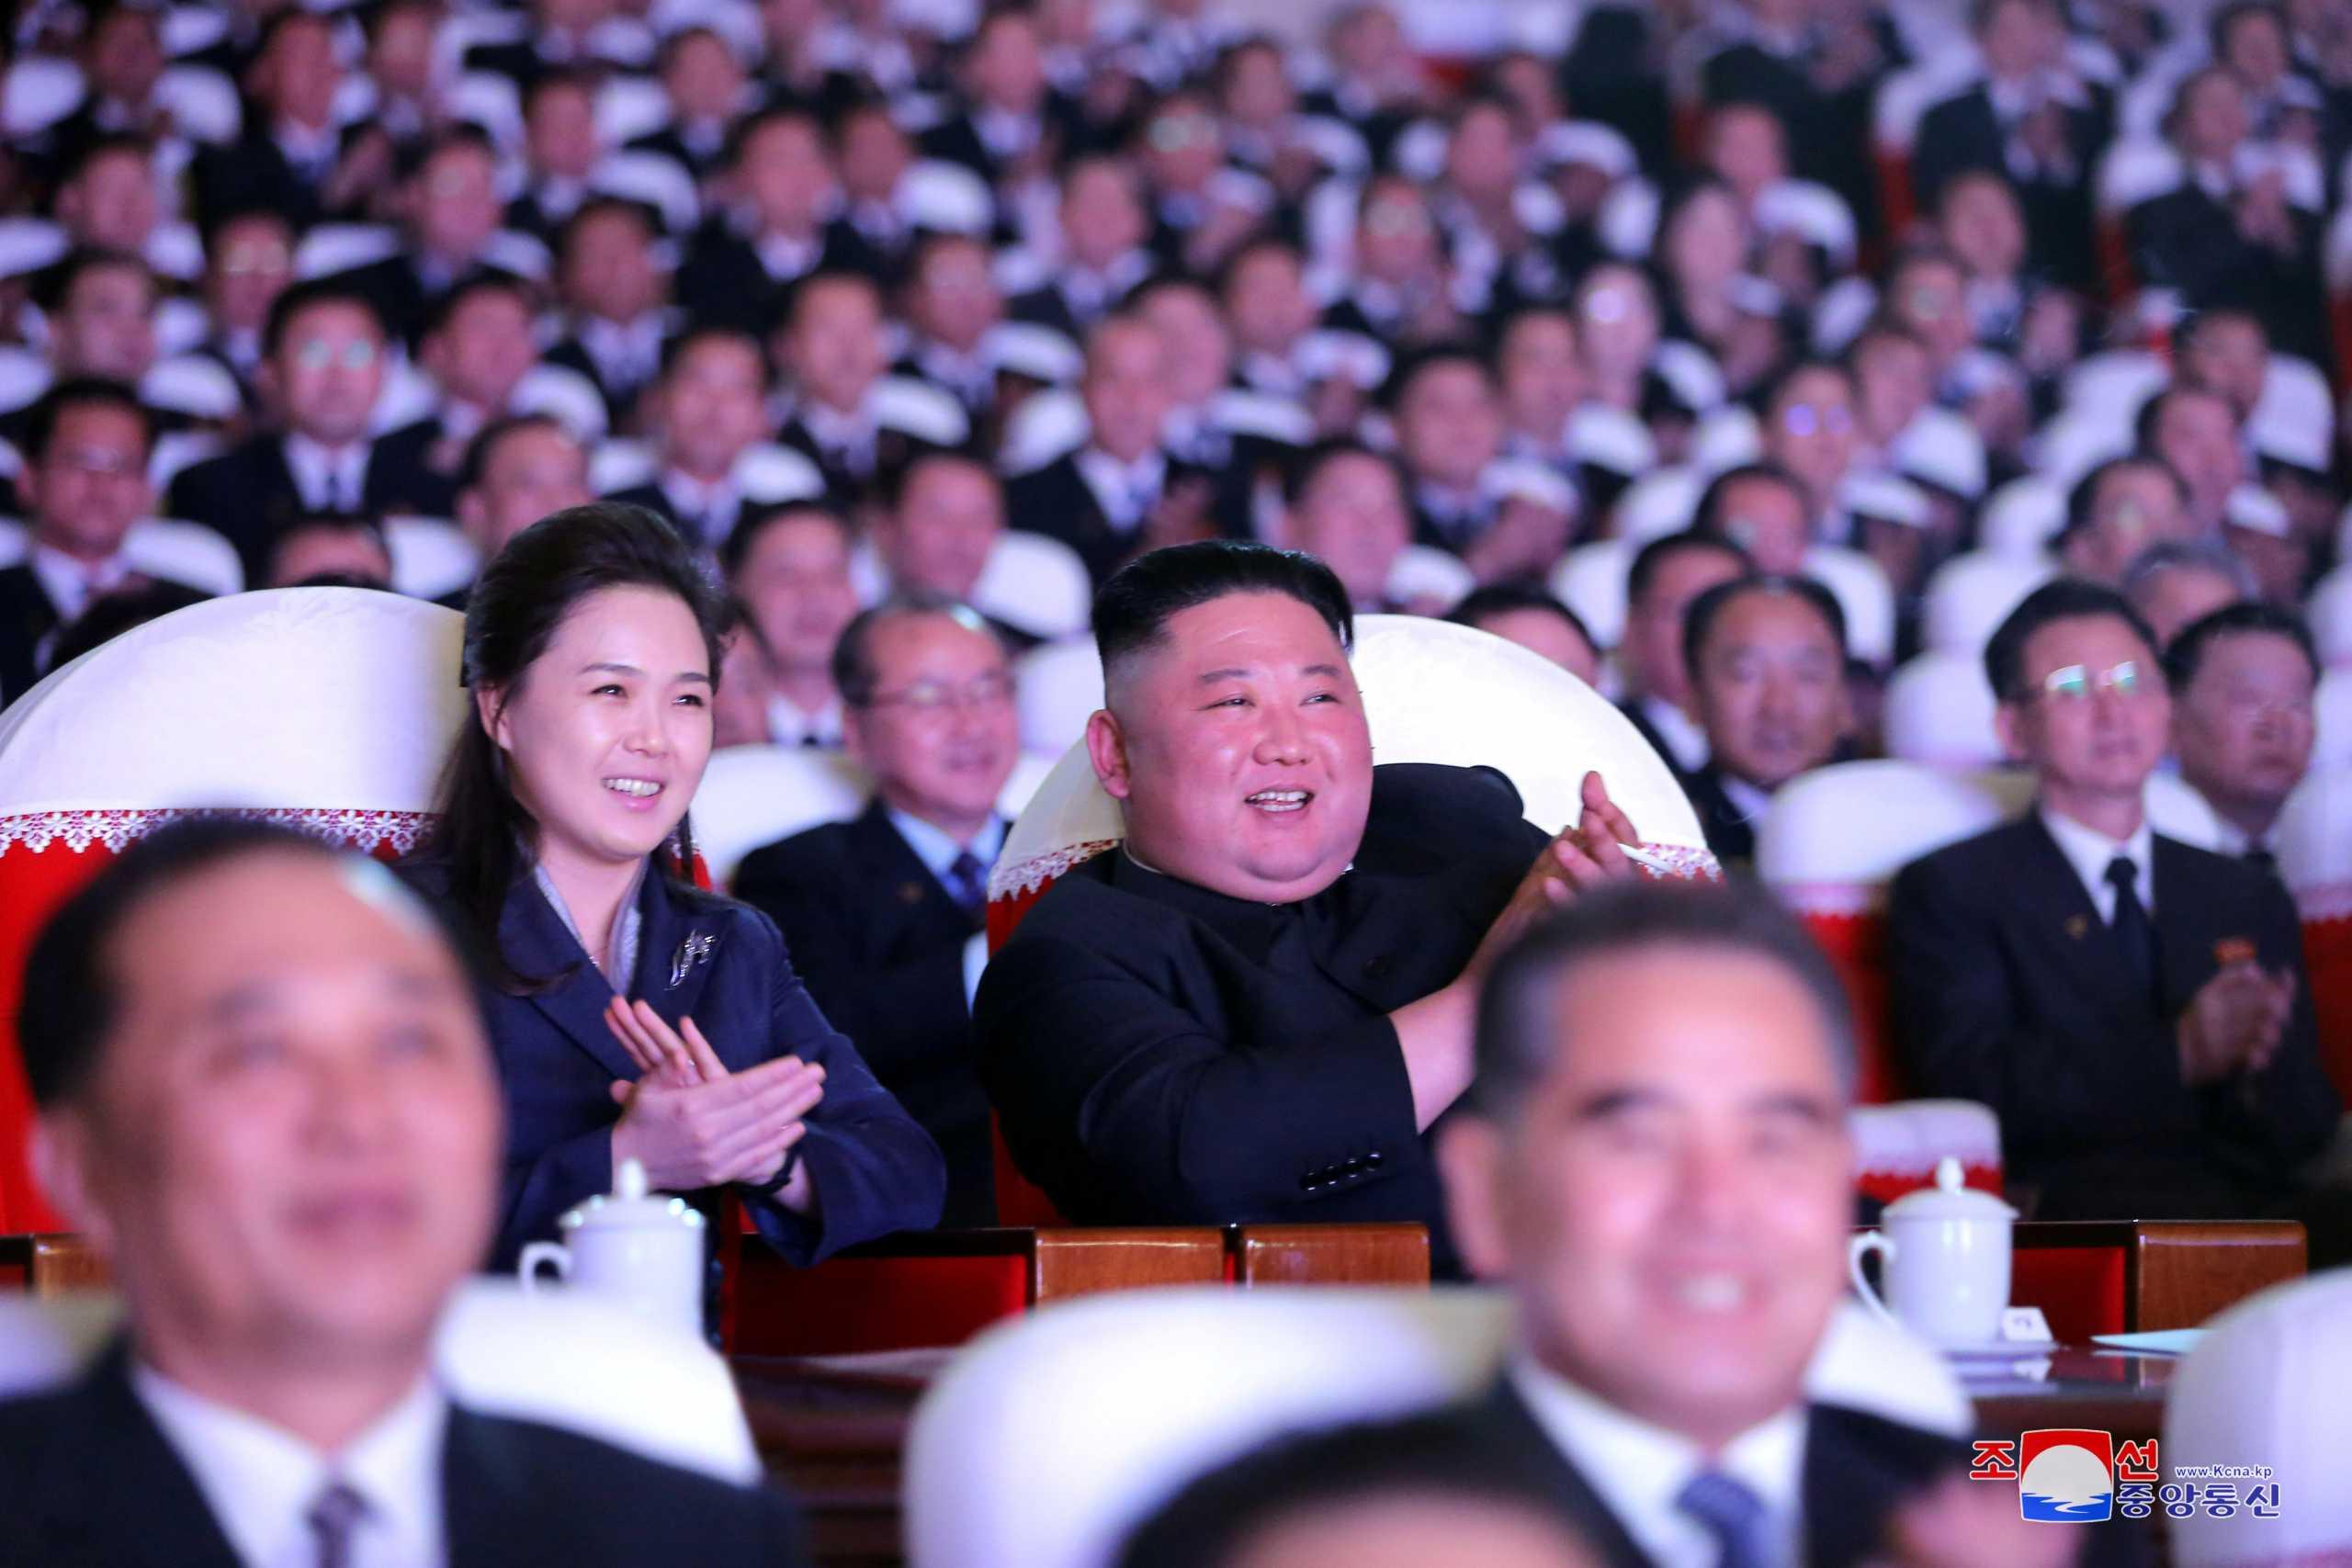 Κιμ Γιονγκ Ουν: Εμφανίστηκε δημόσια μετά από ένα χρόνο η σύζυγός του – Πού είχε «εξαφανιστεί»